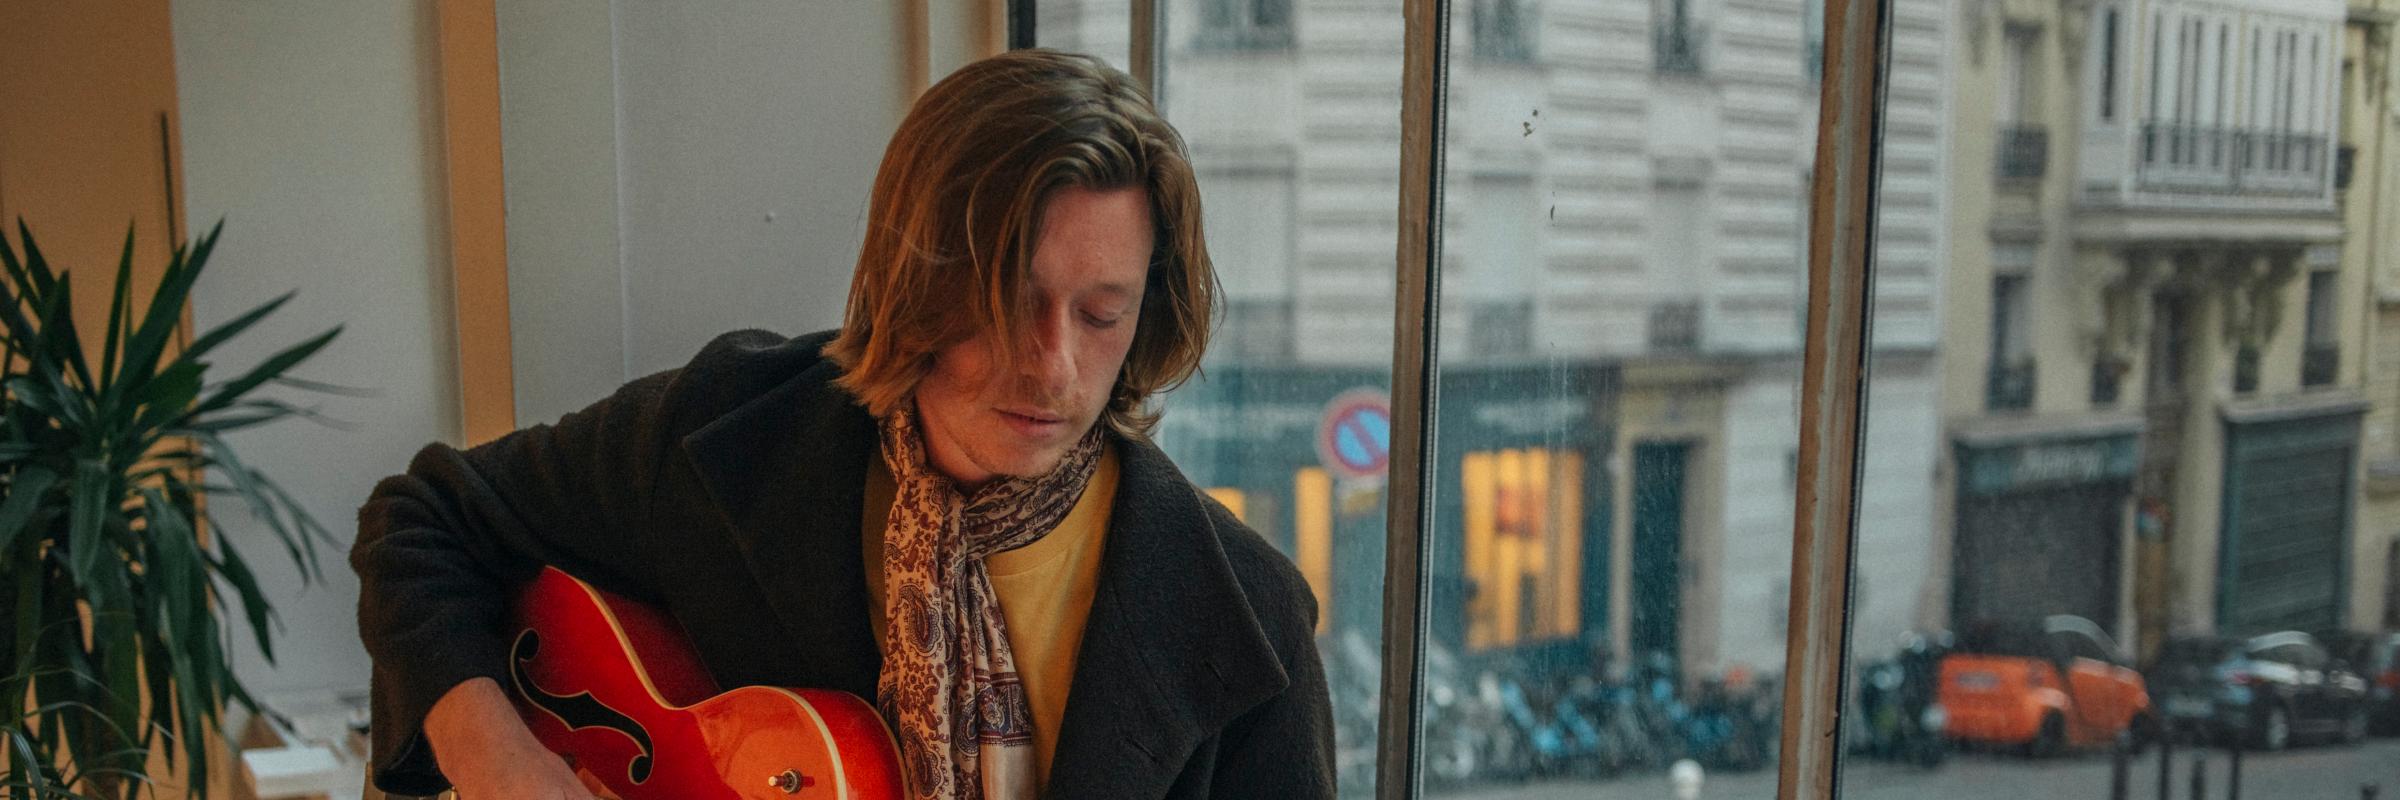 Peter Deaves, musicien Jazz en représentation à Paris - photo de couverture n° 1